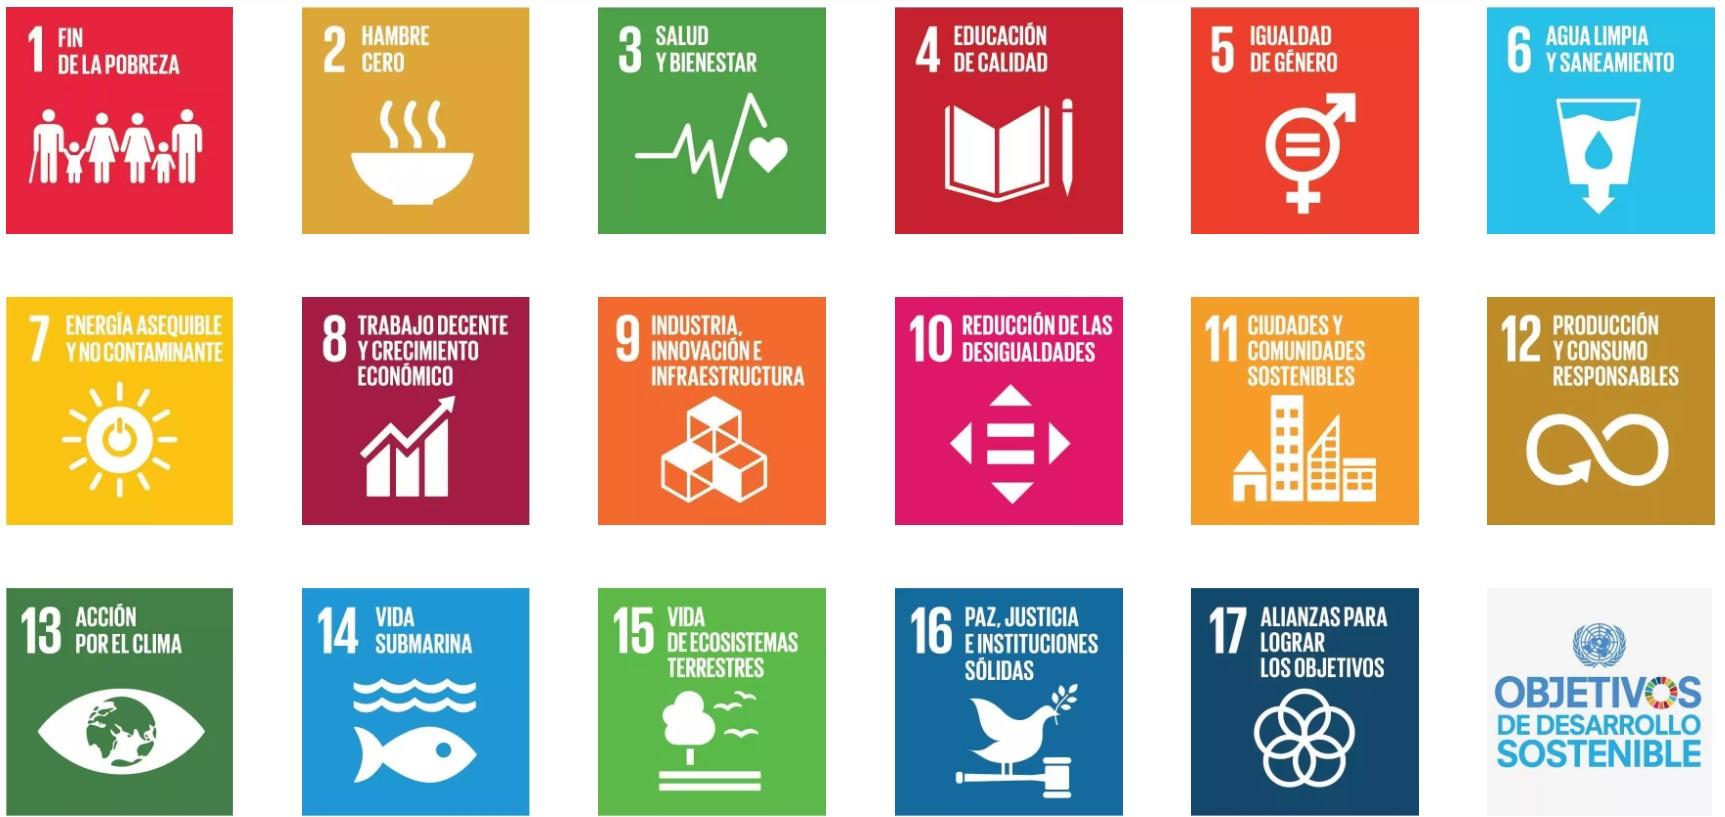 Objetivos de desarrollo sostenible naciones unidas undp